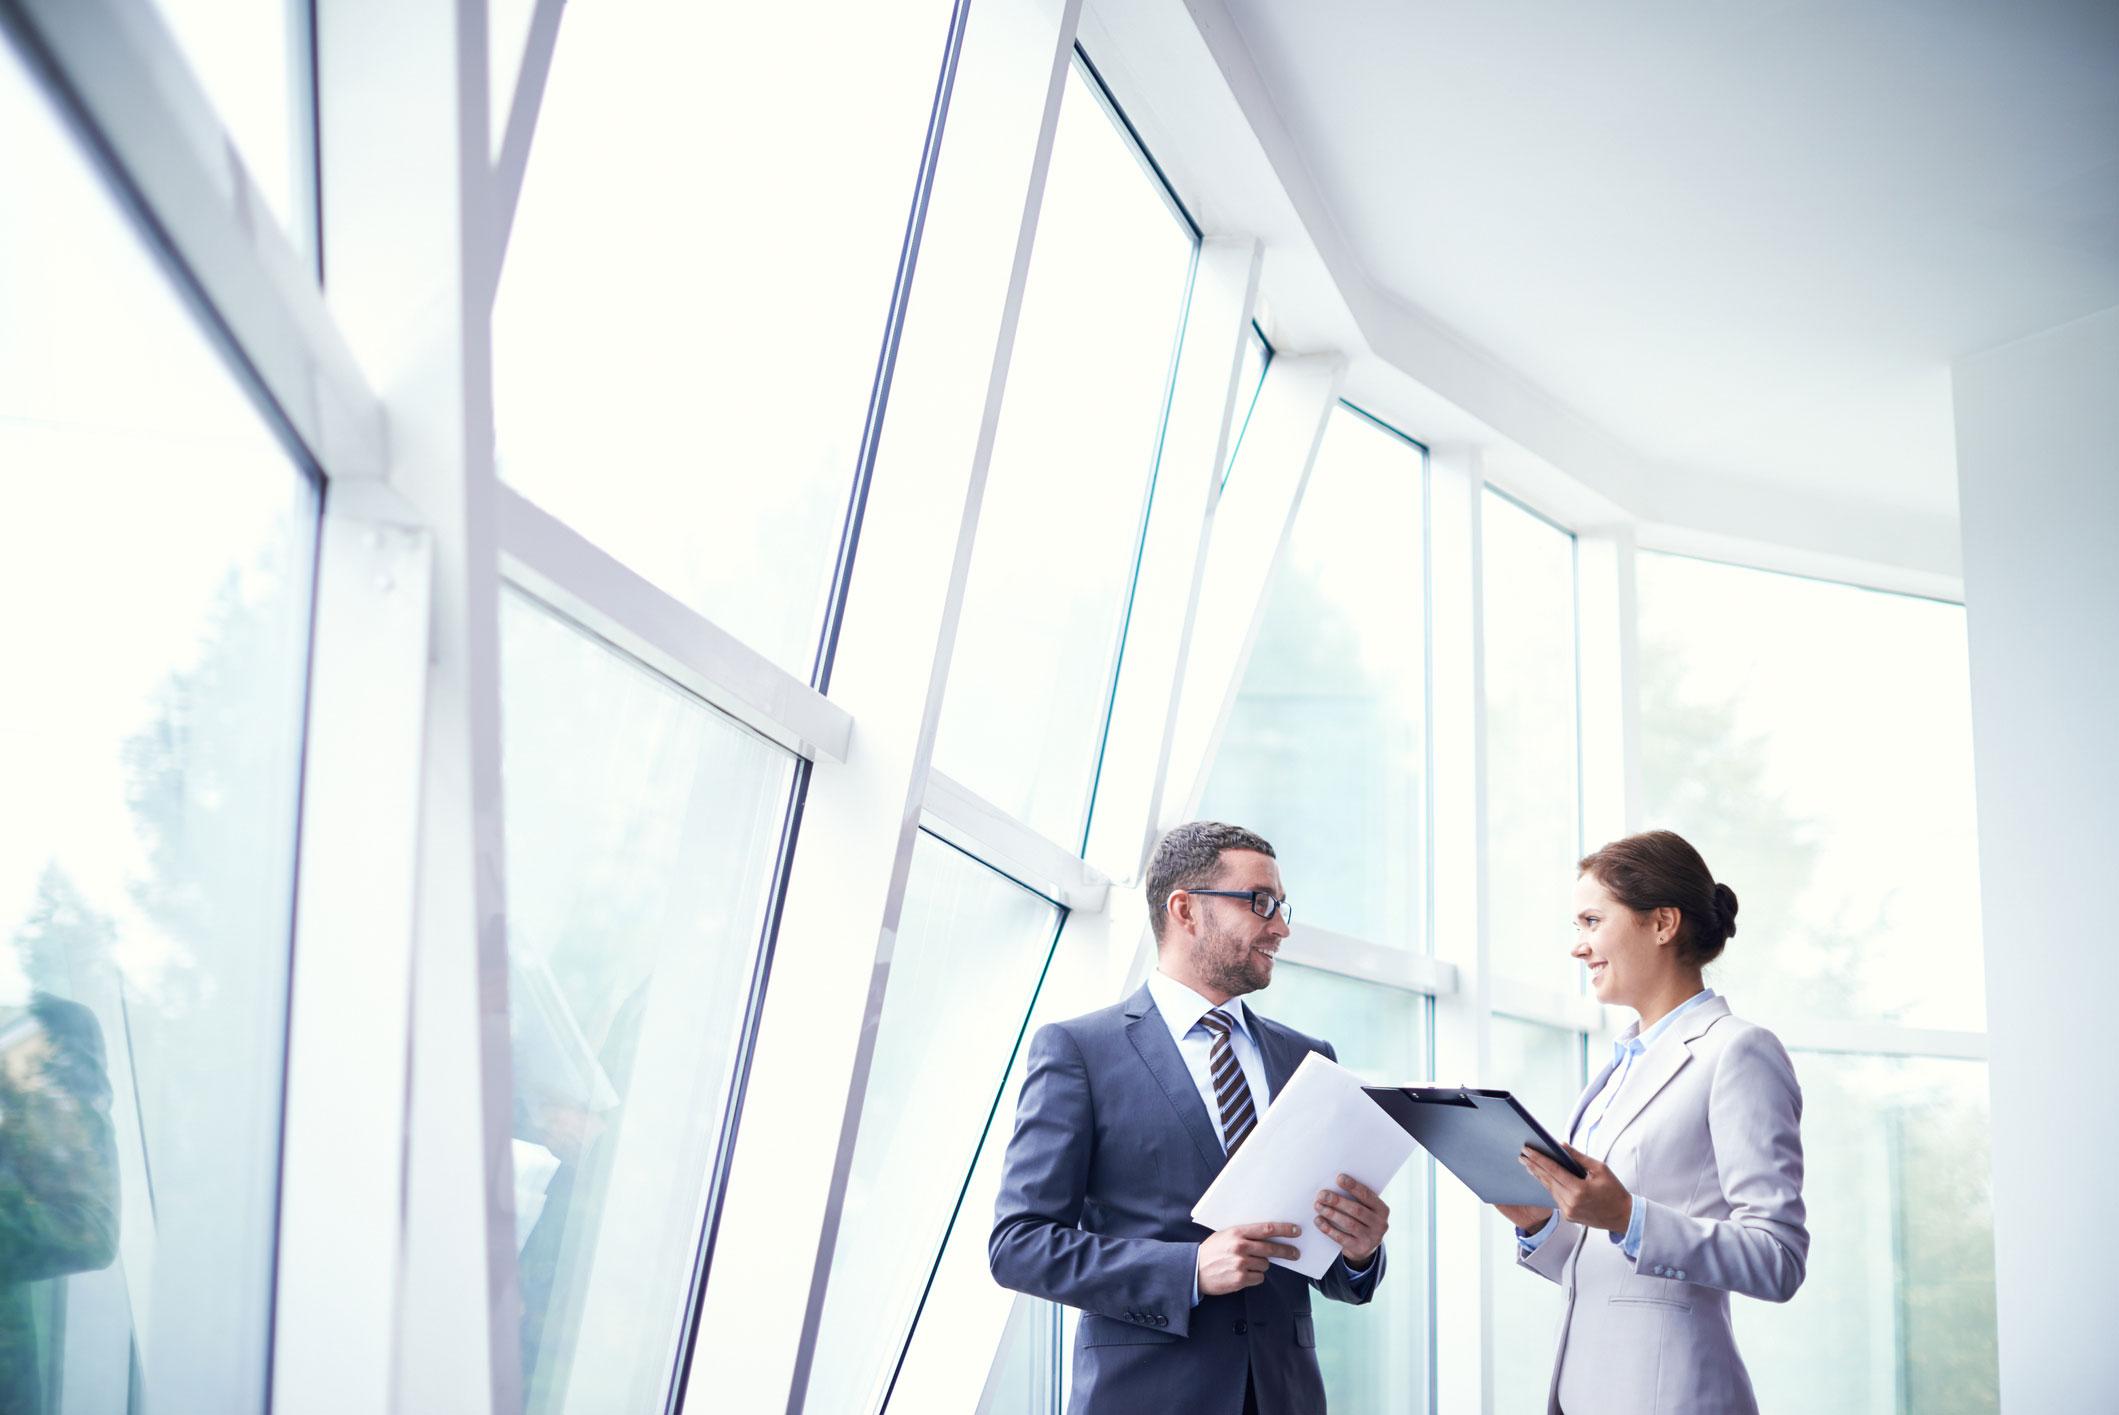 מהות דיני חברות – הסכם מייסדים